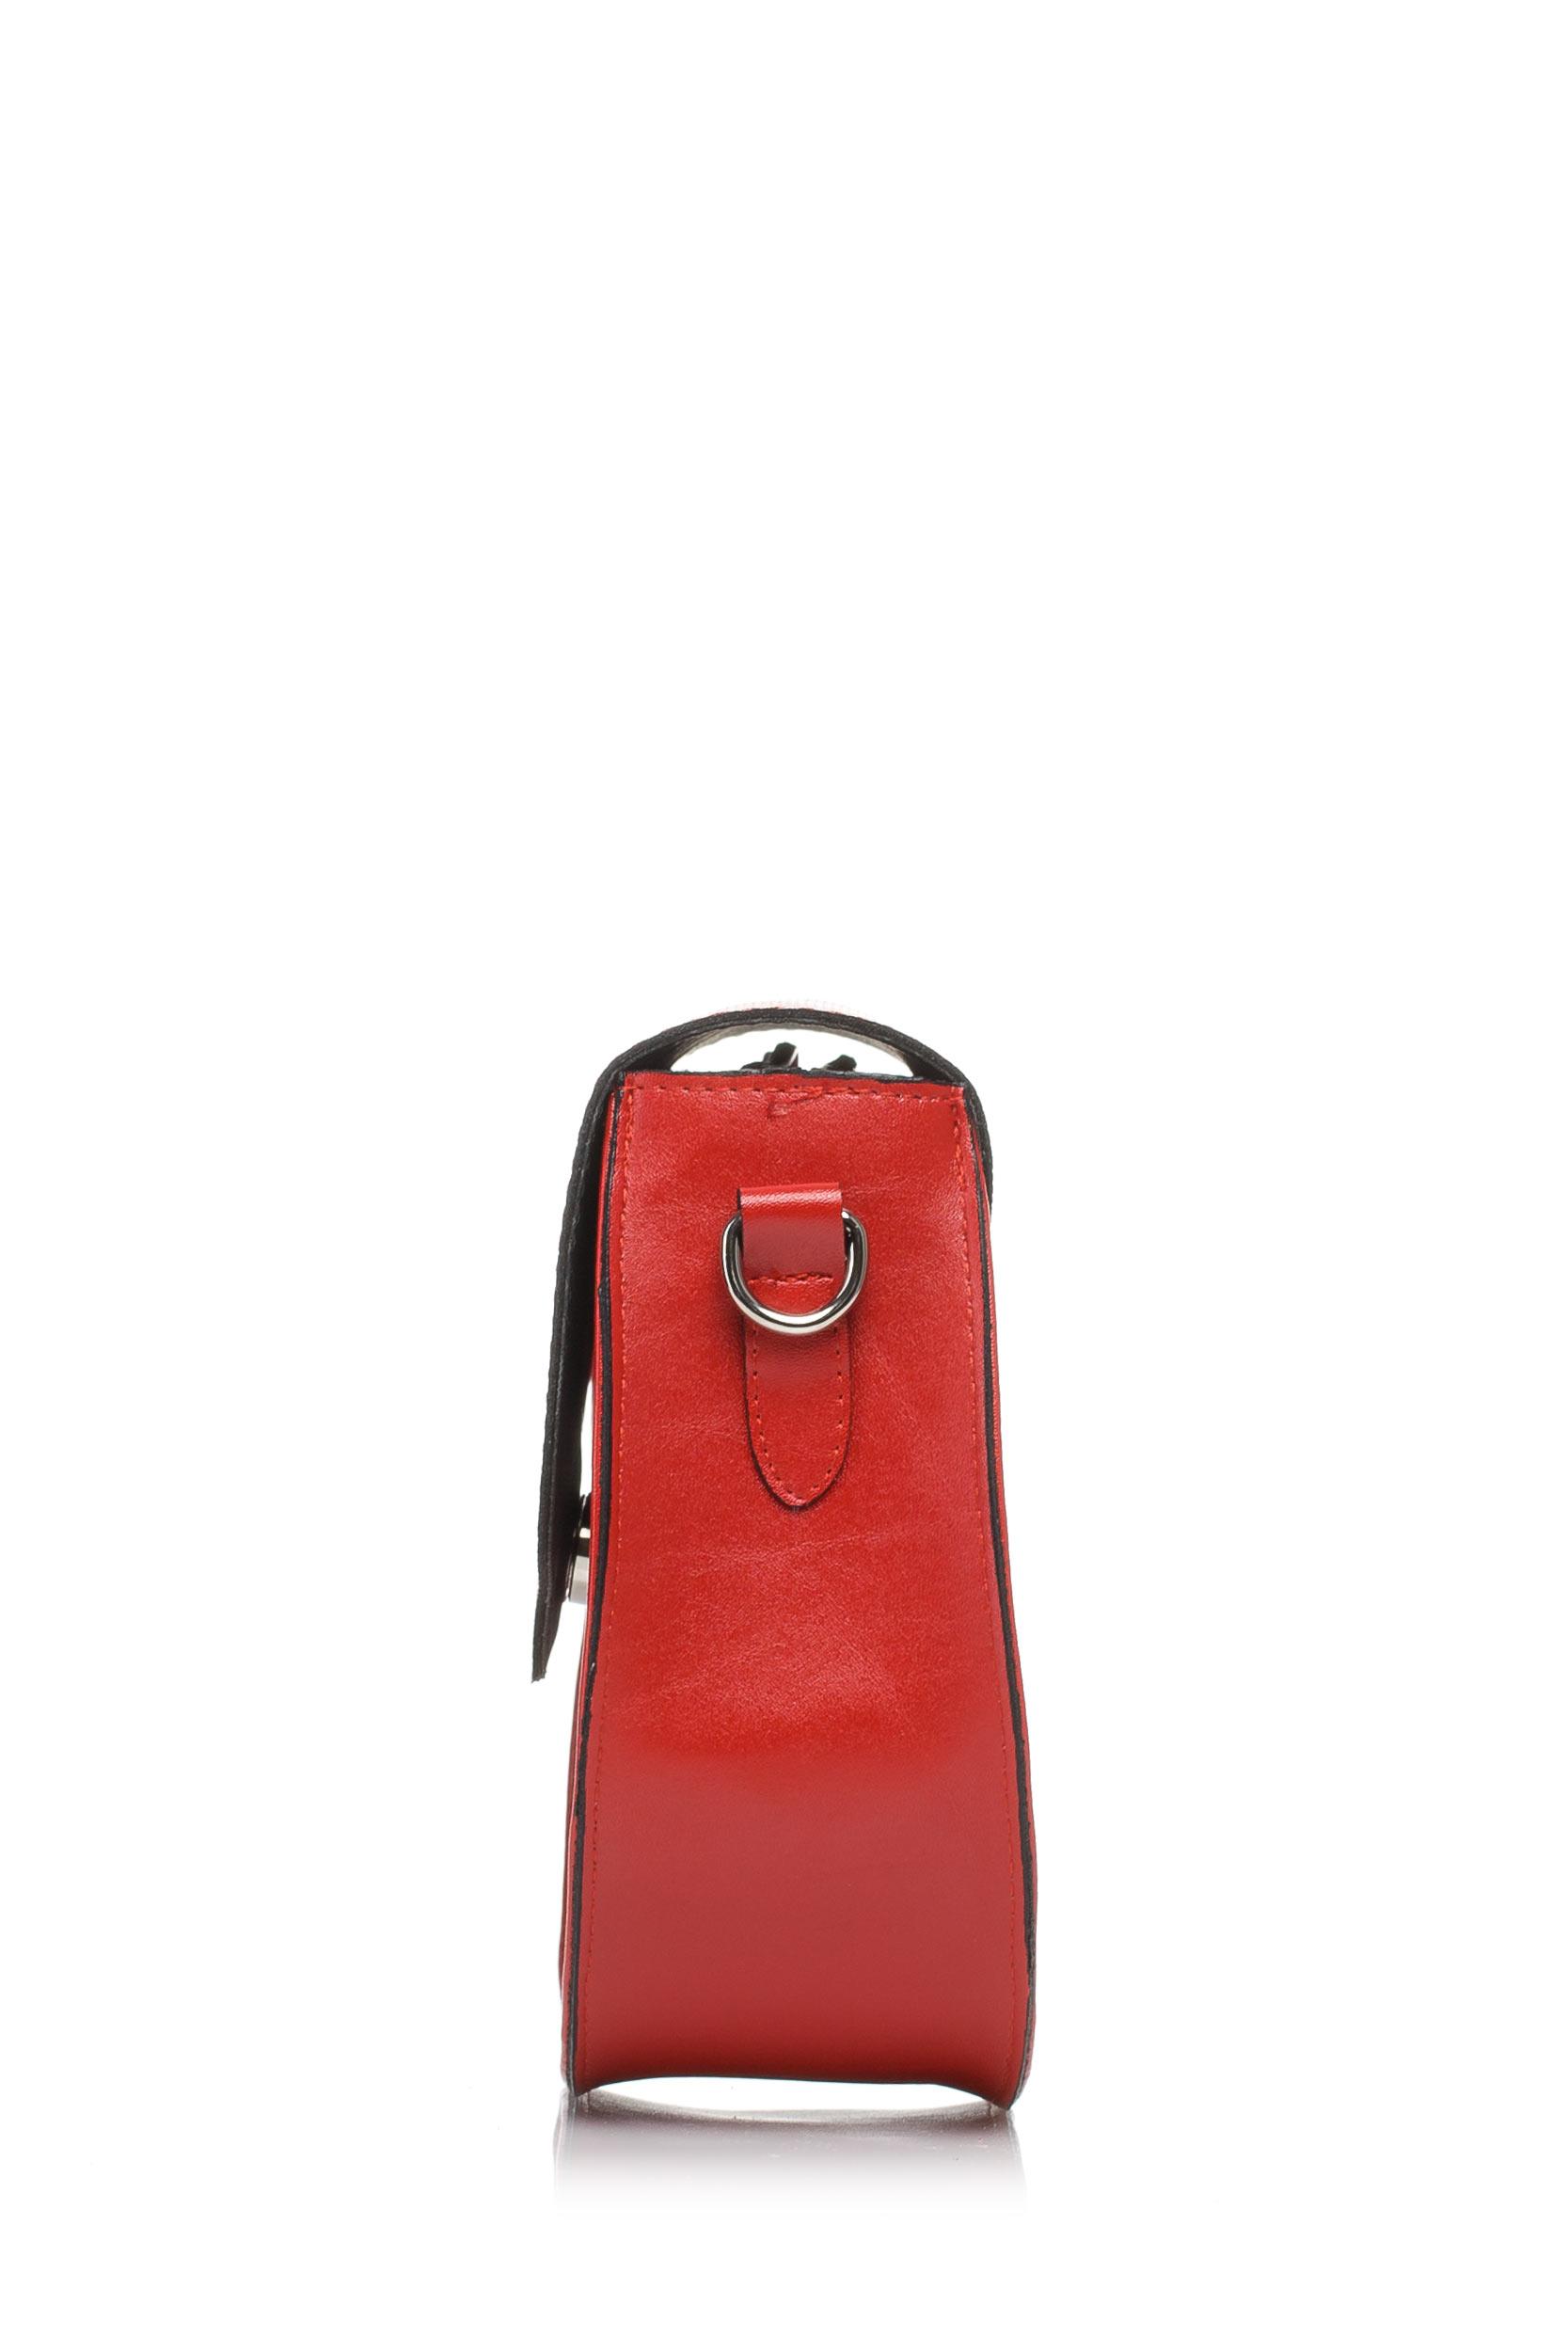 CM3579 Nowoczesna torebka damska - czerwona